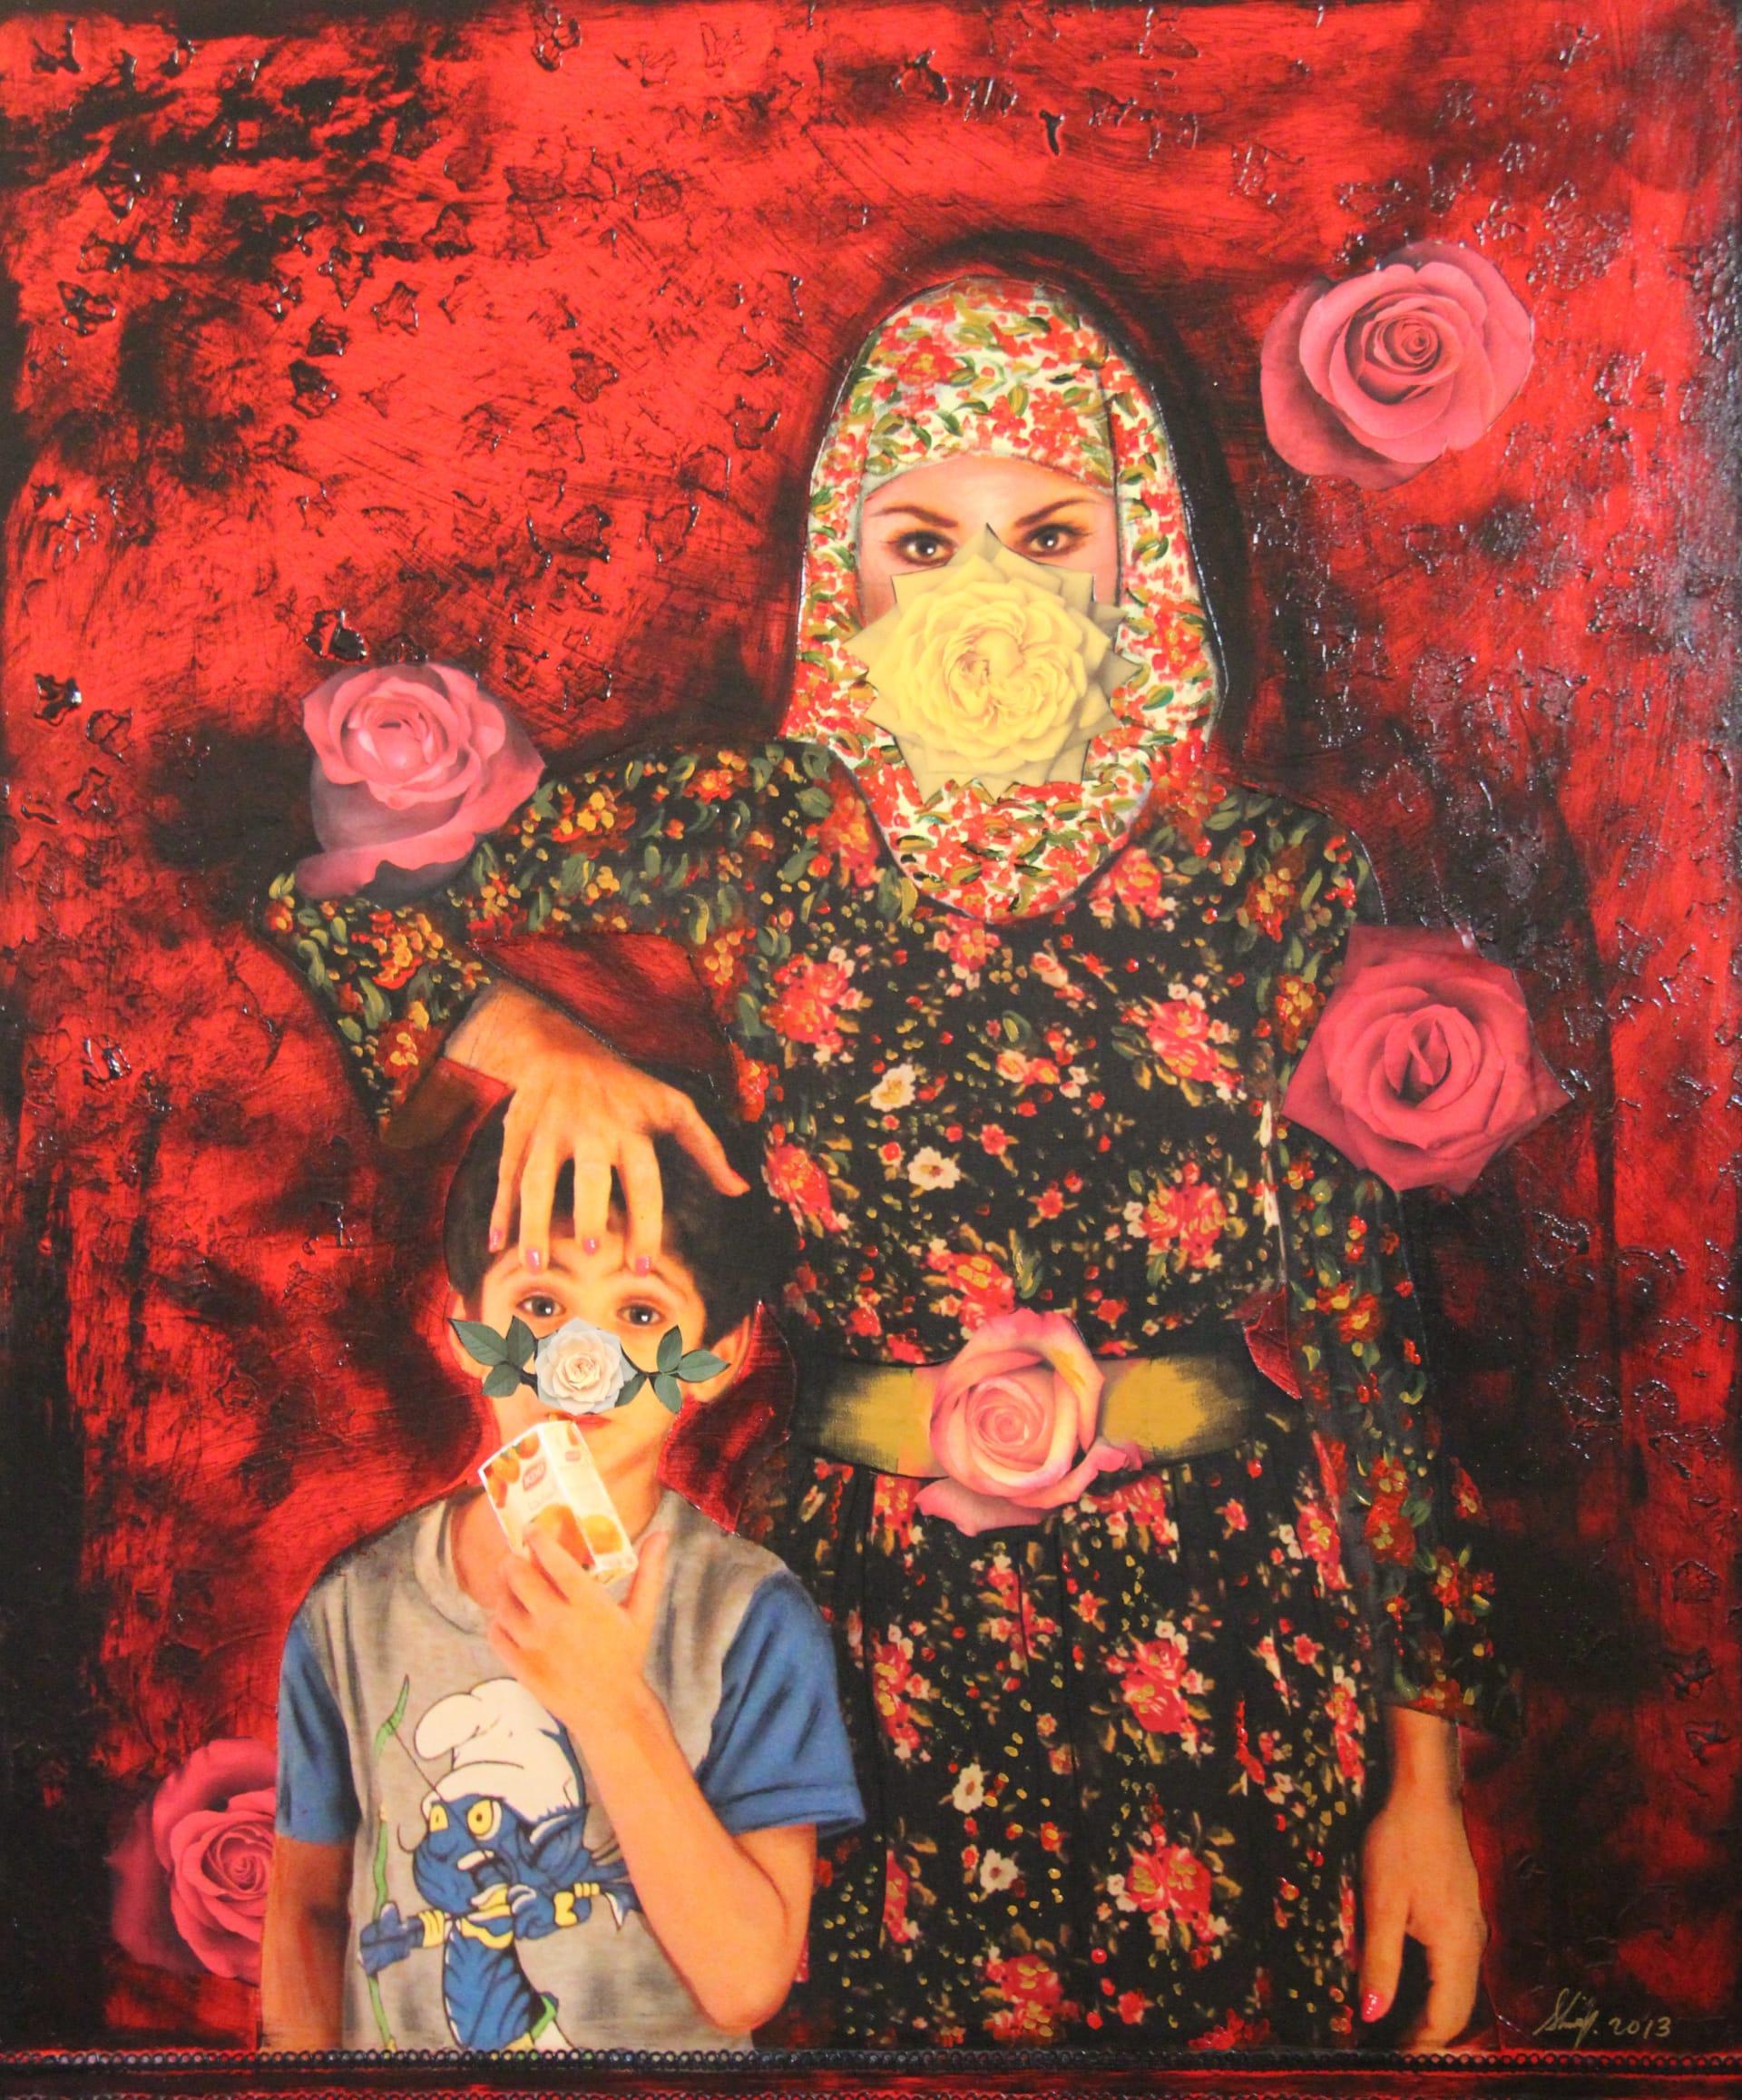 """ما هو الجانب """"المخفي"""" الذي تكشفه هذه الفنانة الكويتية في المجتمع العربي؟"""